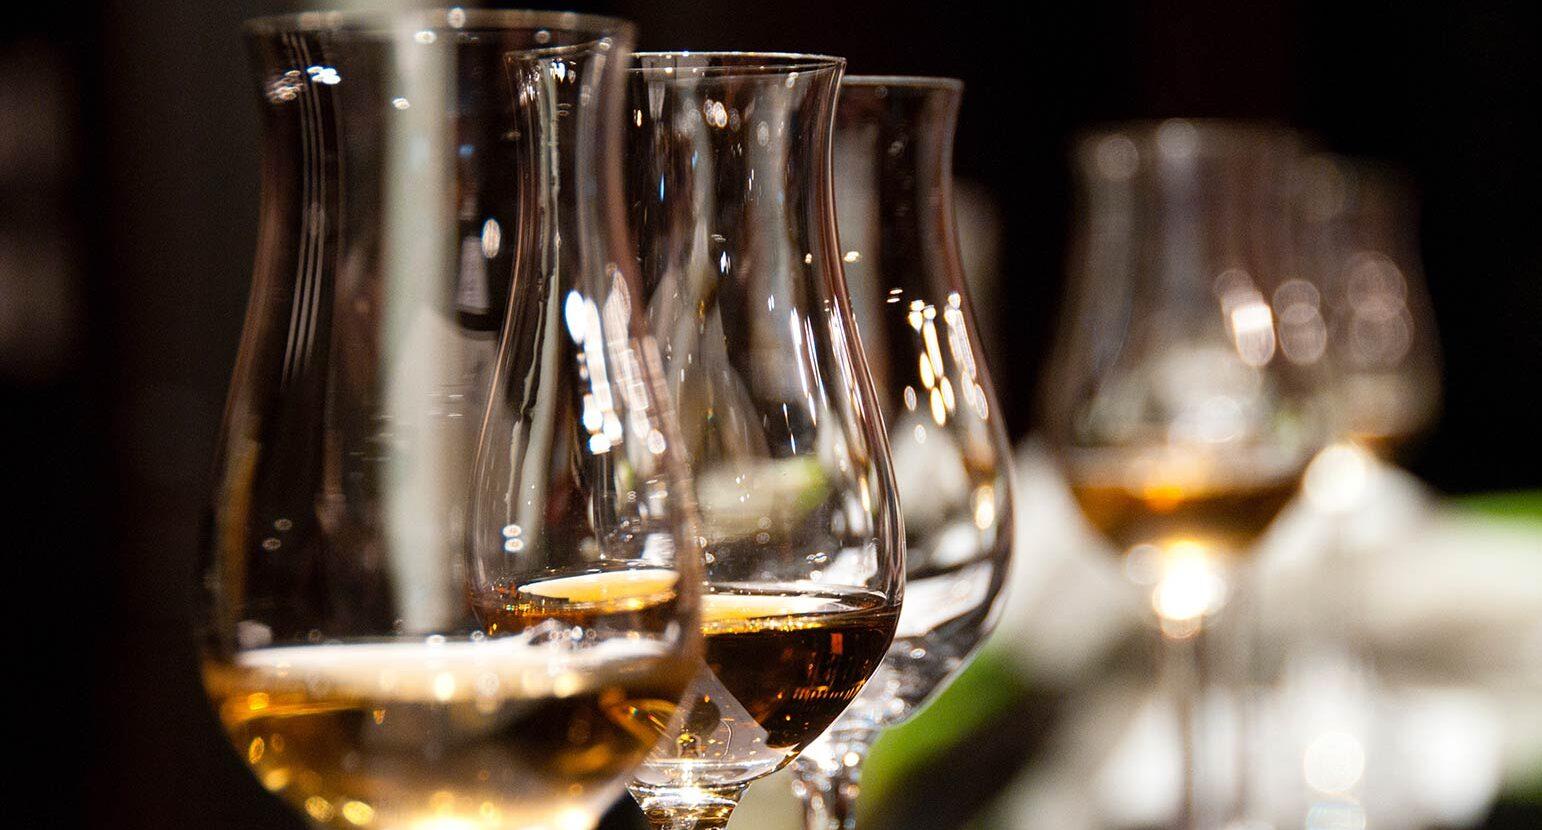 Γιατί το ποτήρι έχει σημασία στην απόλαυση του κρασιού;